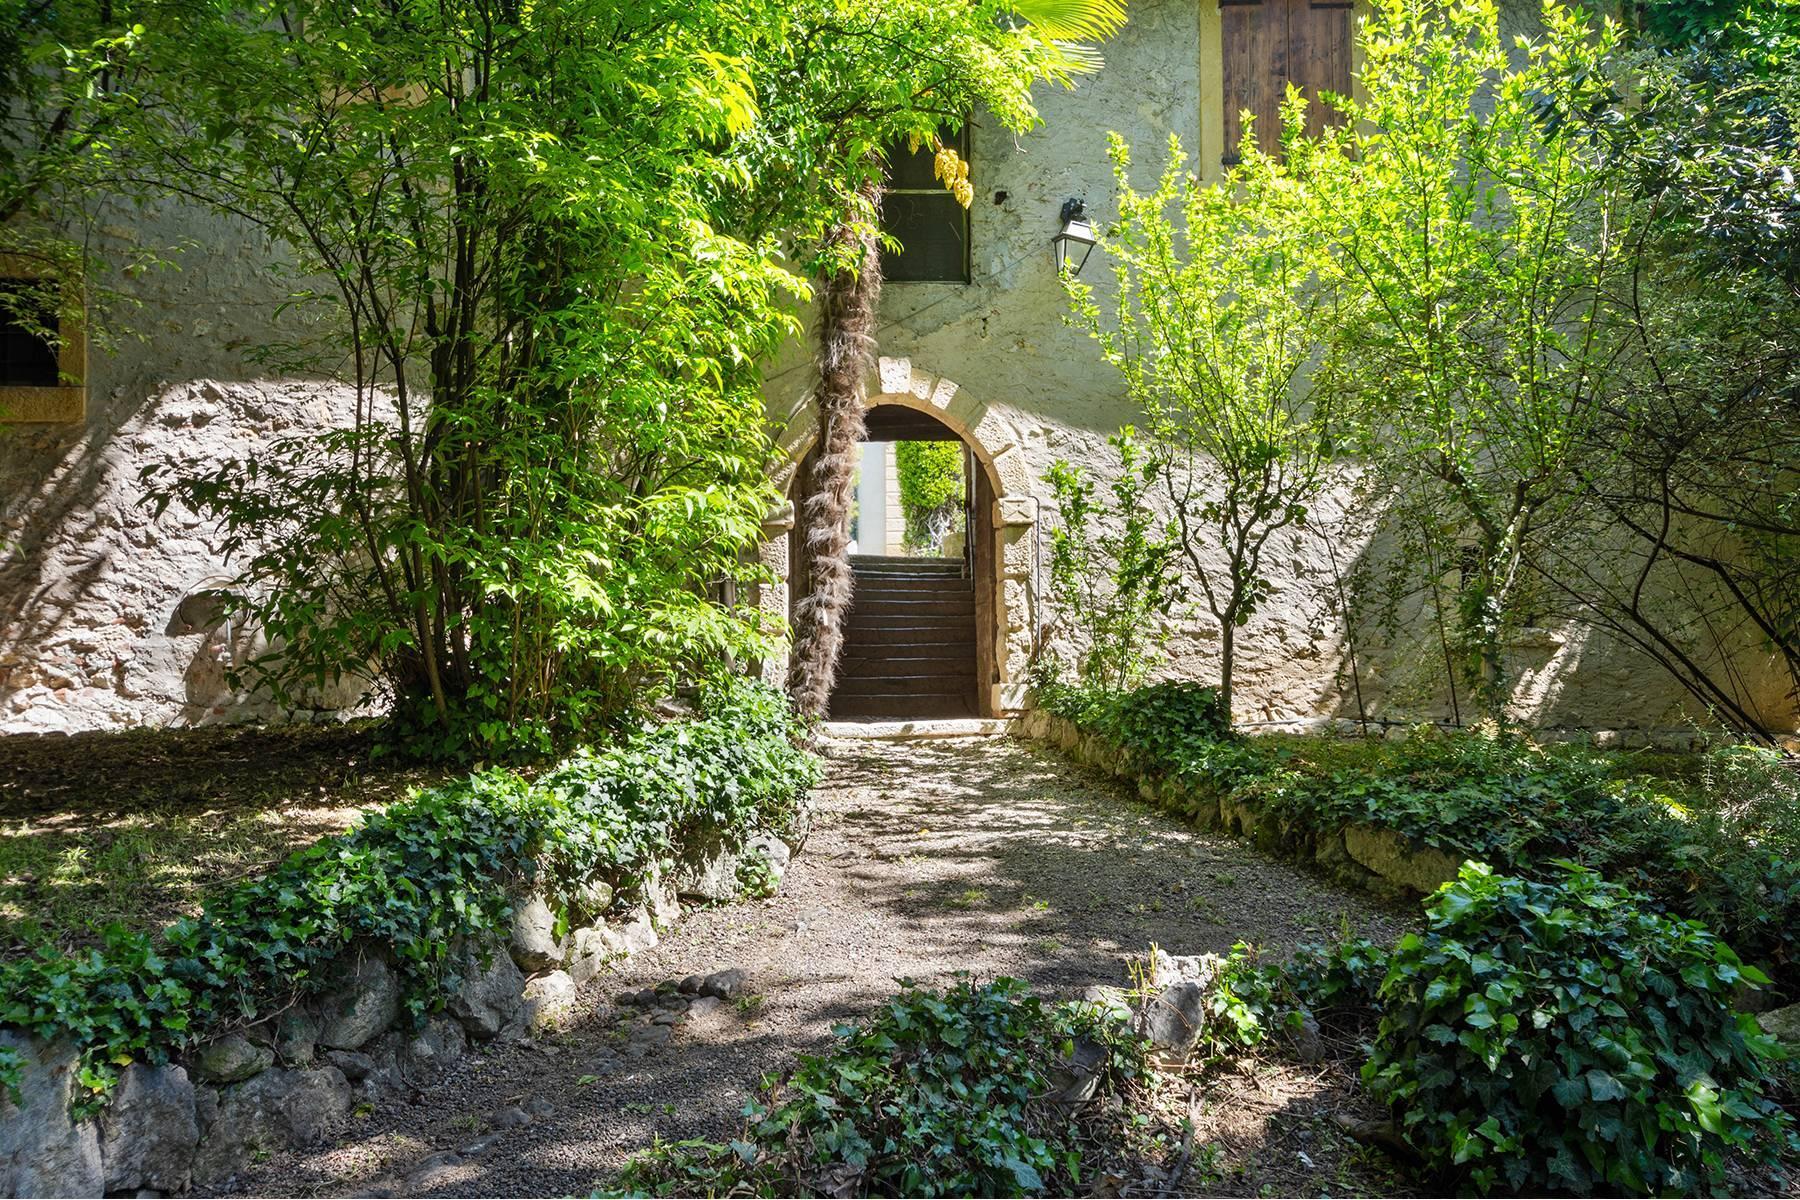 Historische Villa mit Park und prächtigem alten Keller, umgeben von Weinbergen - 38